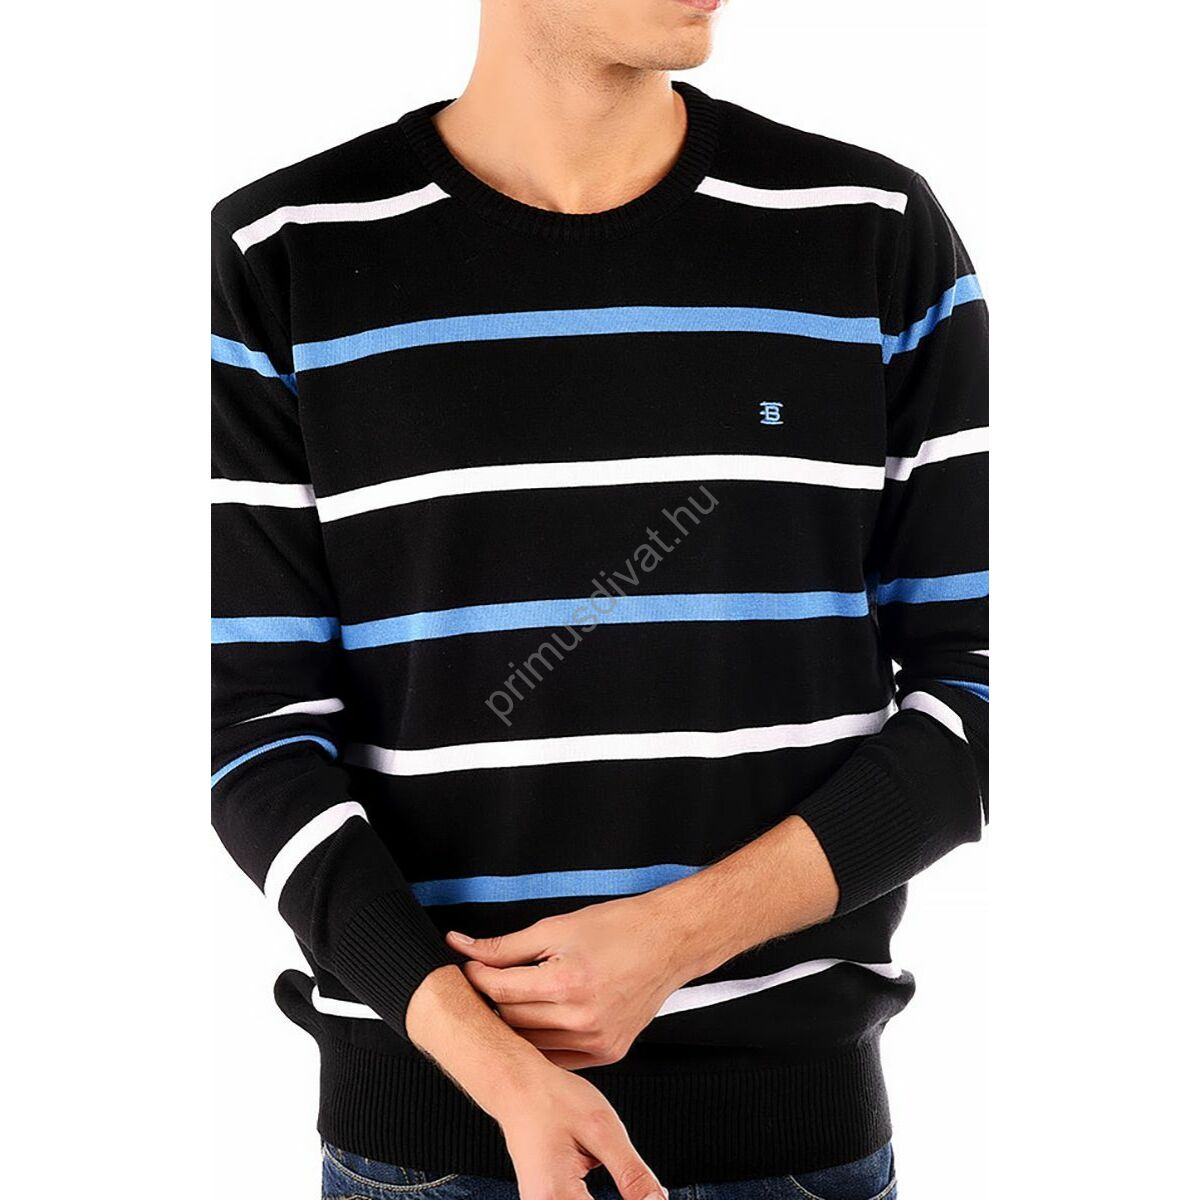 e111cf7a93 Balance környakas, kék-fehér csíkos fekete vékony kötött pamut pulóver